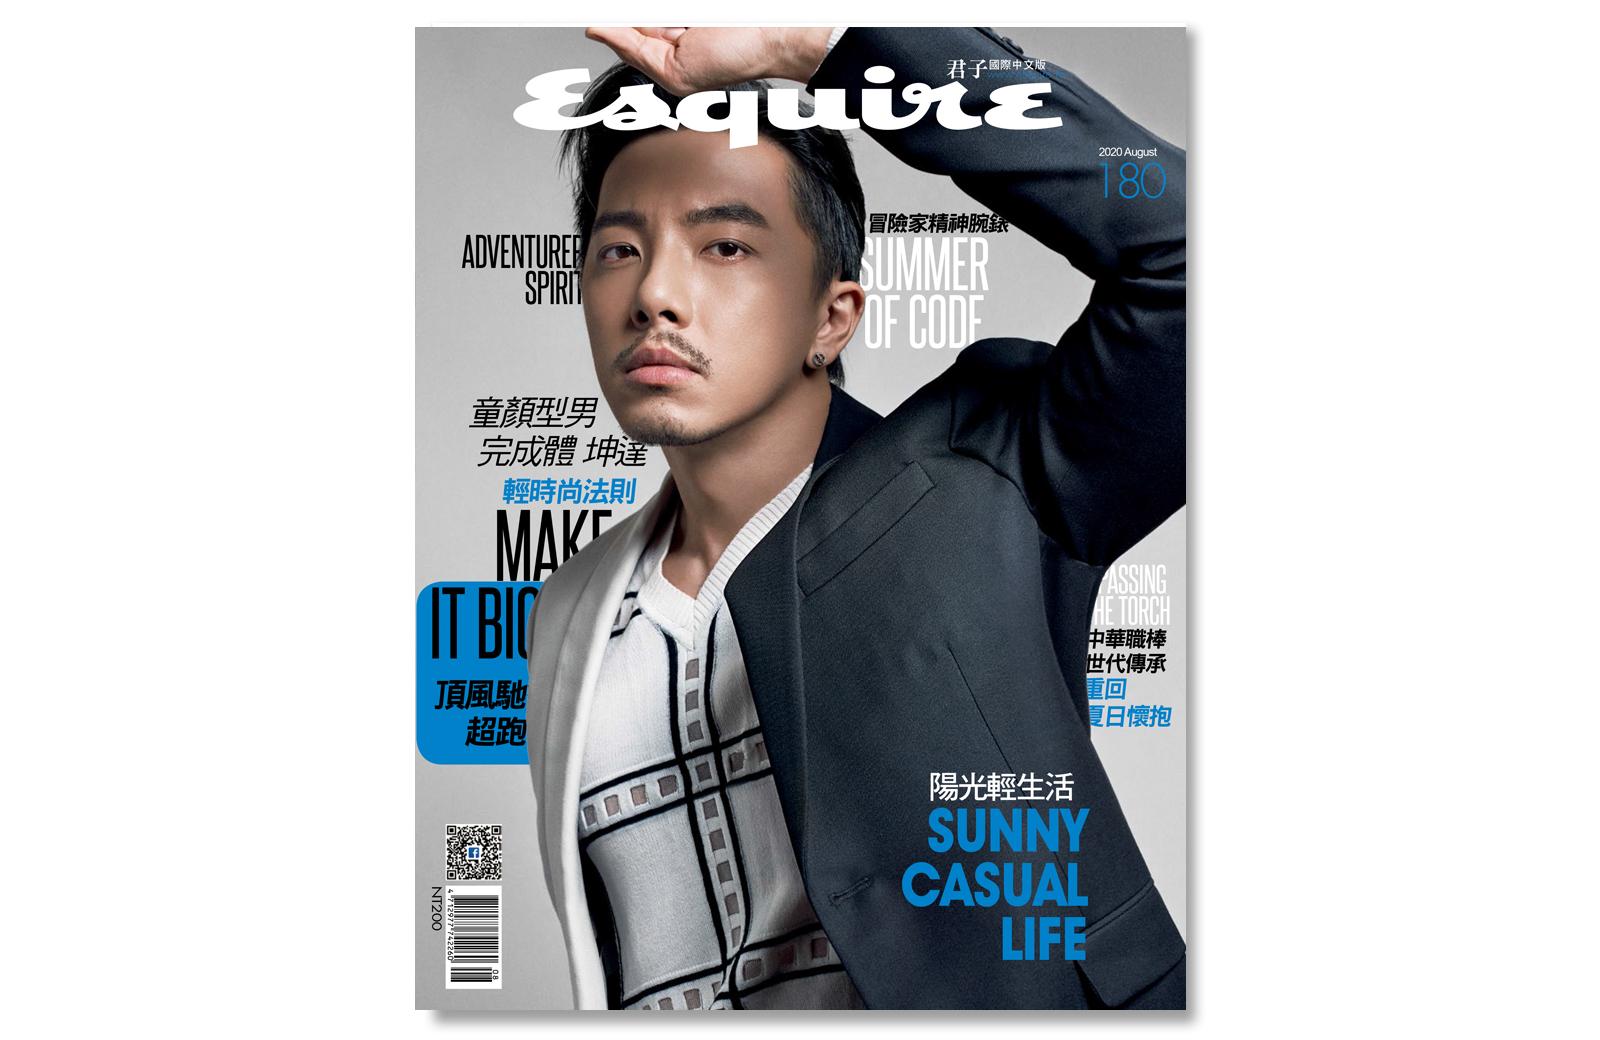 squire_bookcover-1600x1040